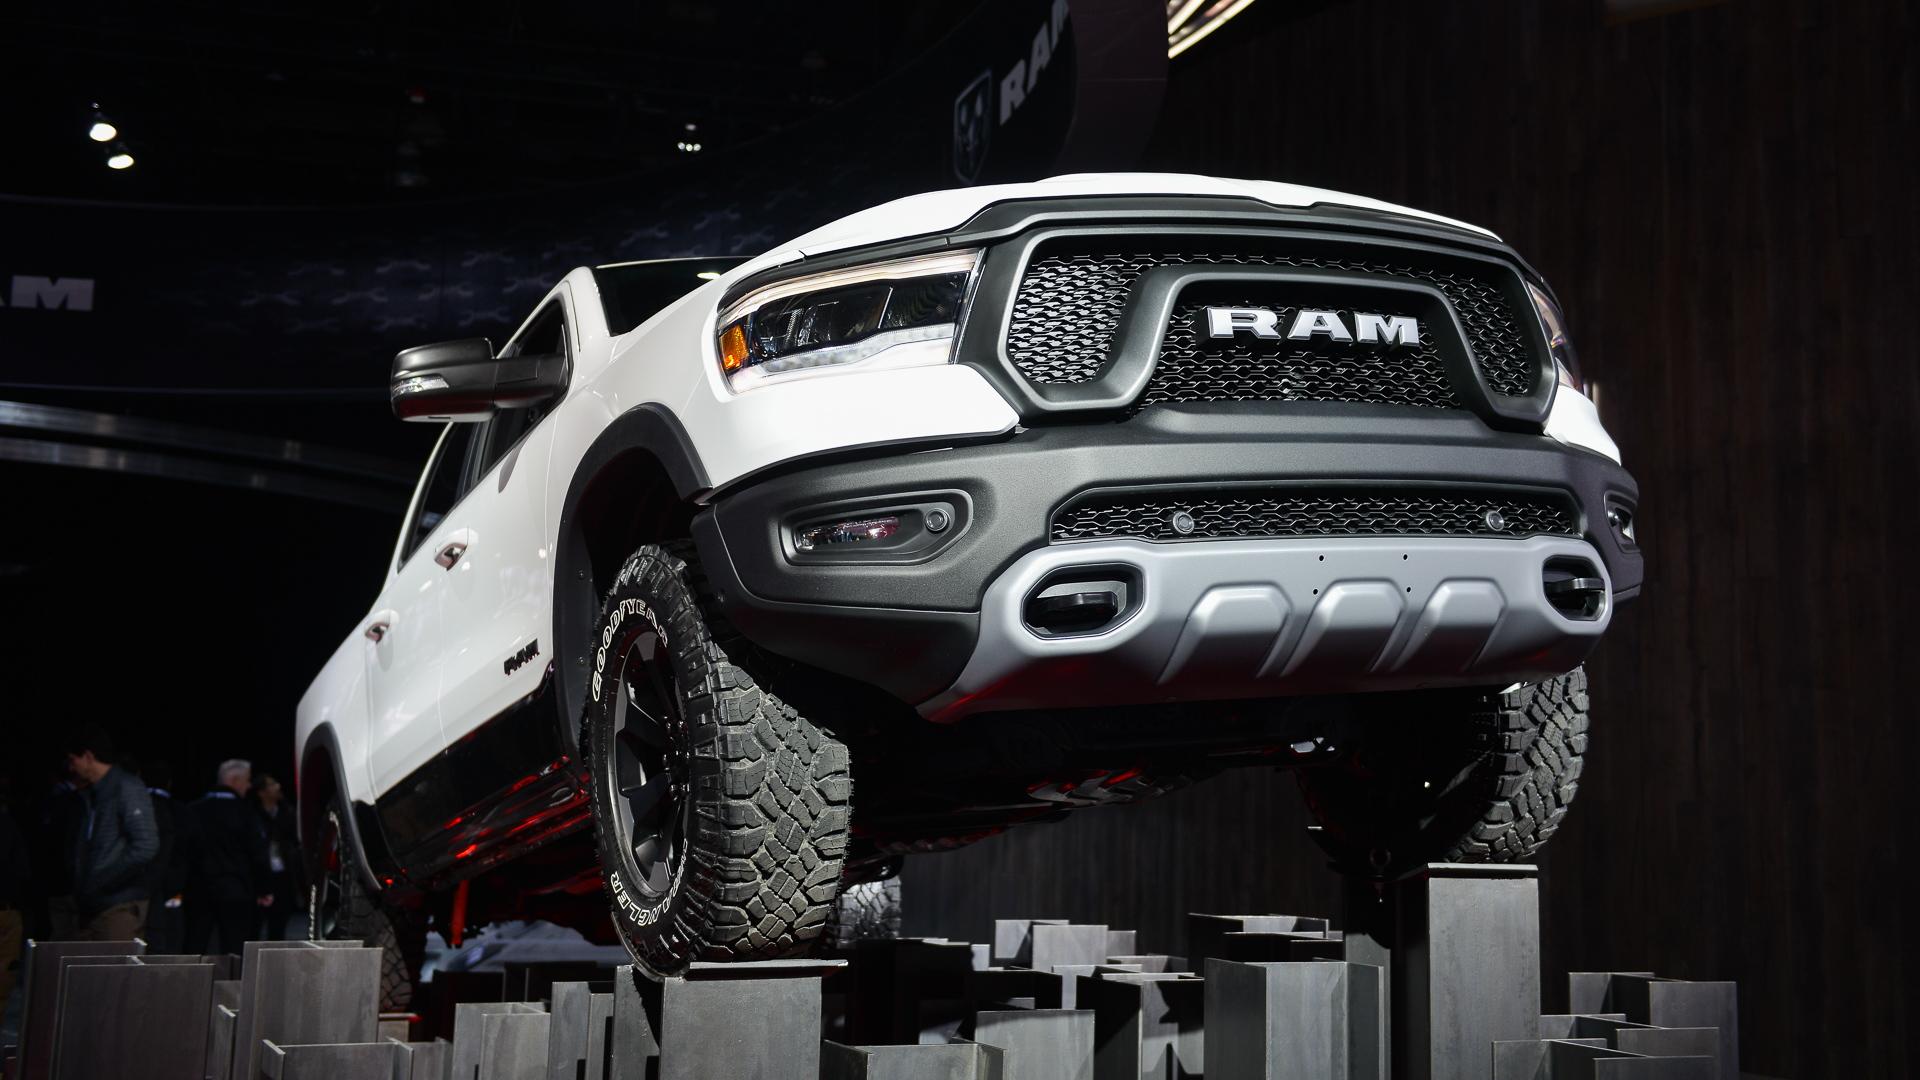 2019 Ram 1500, 2018 Detroit auto show